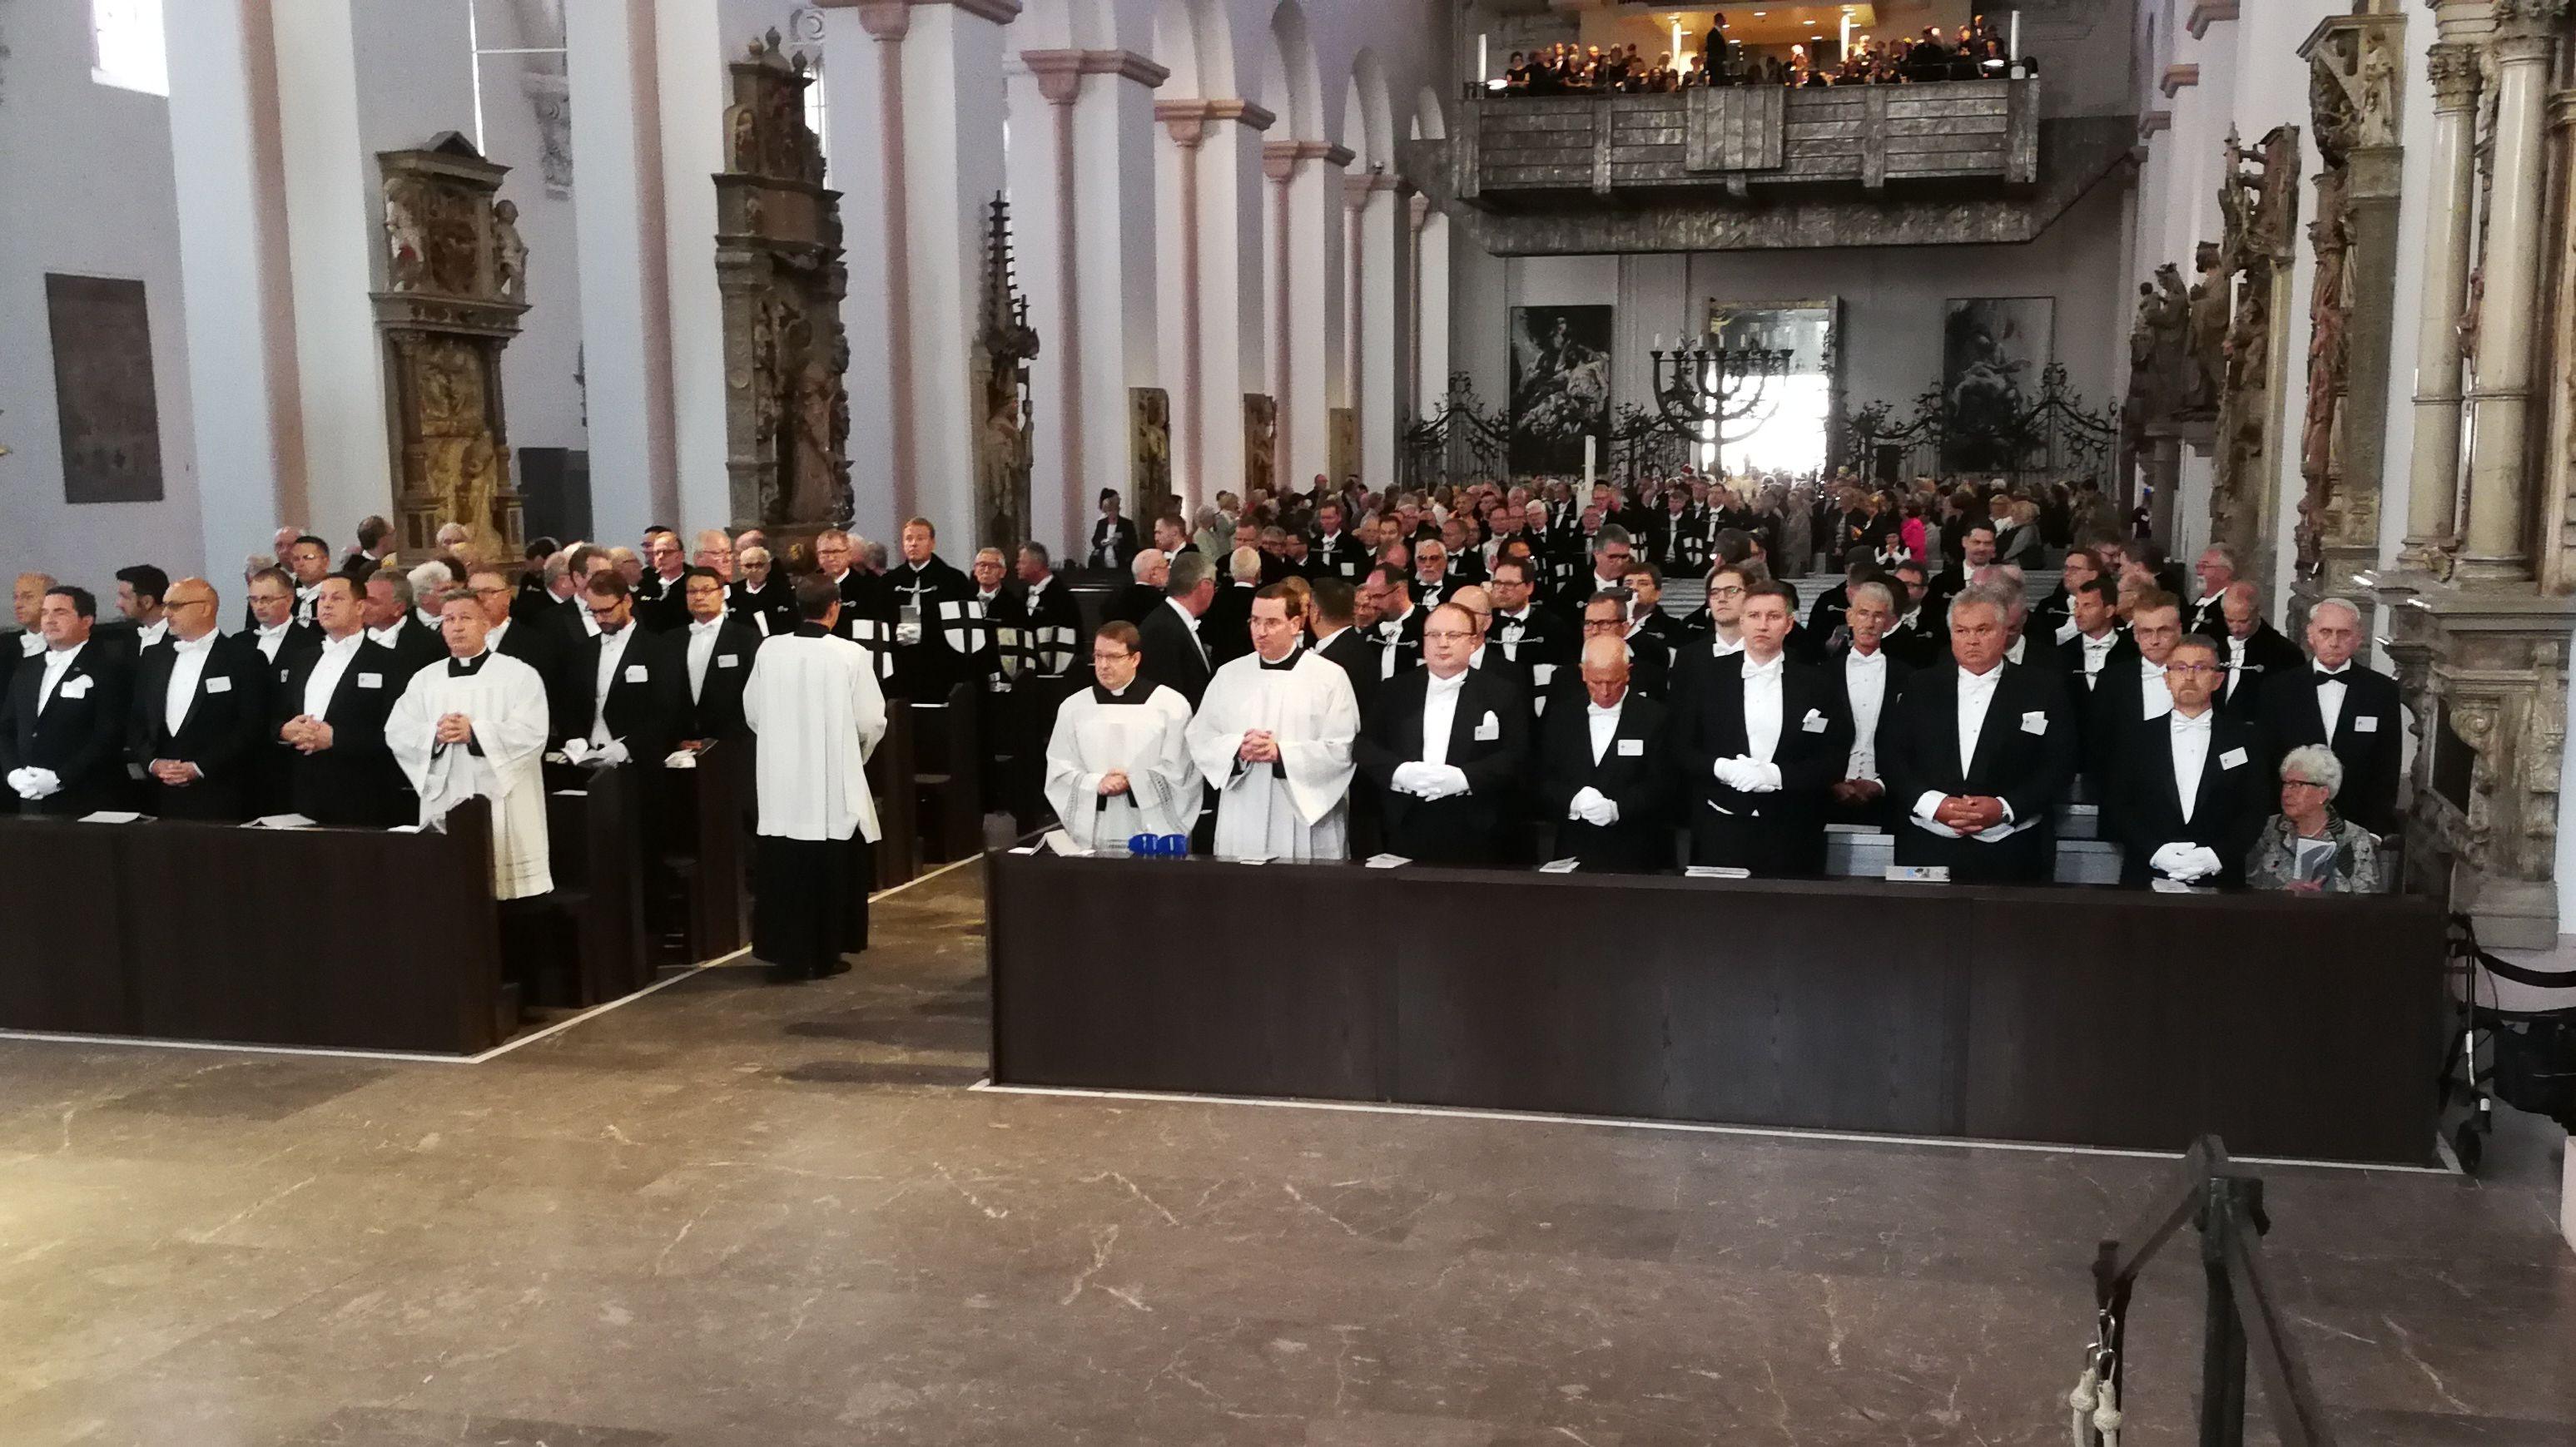 Deutscher Orden in Würzburg